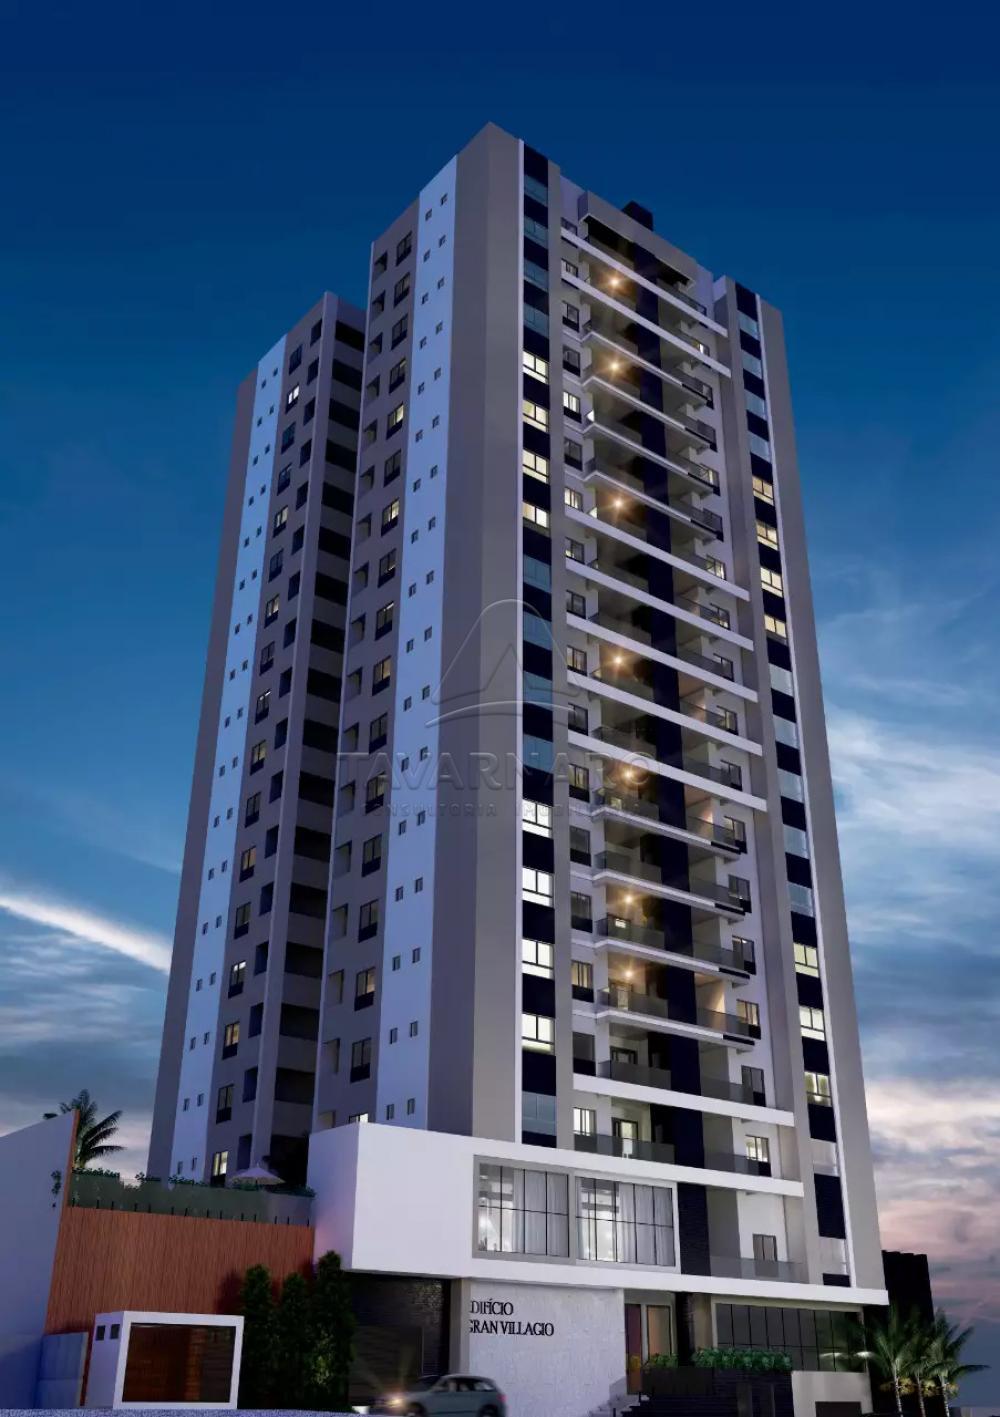 Comprar Apartamento / Padrão em Ponta Grossa R$ 550.900,00 - Foto 12